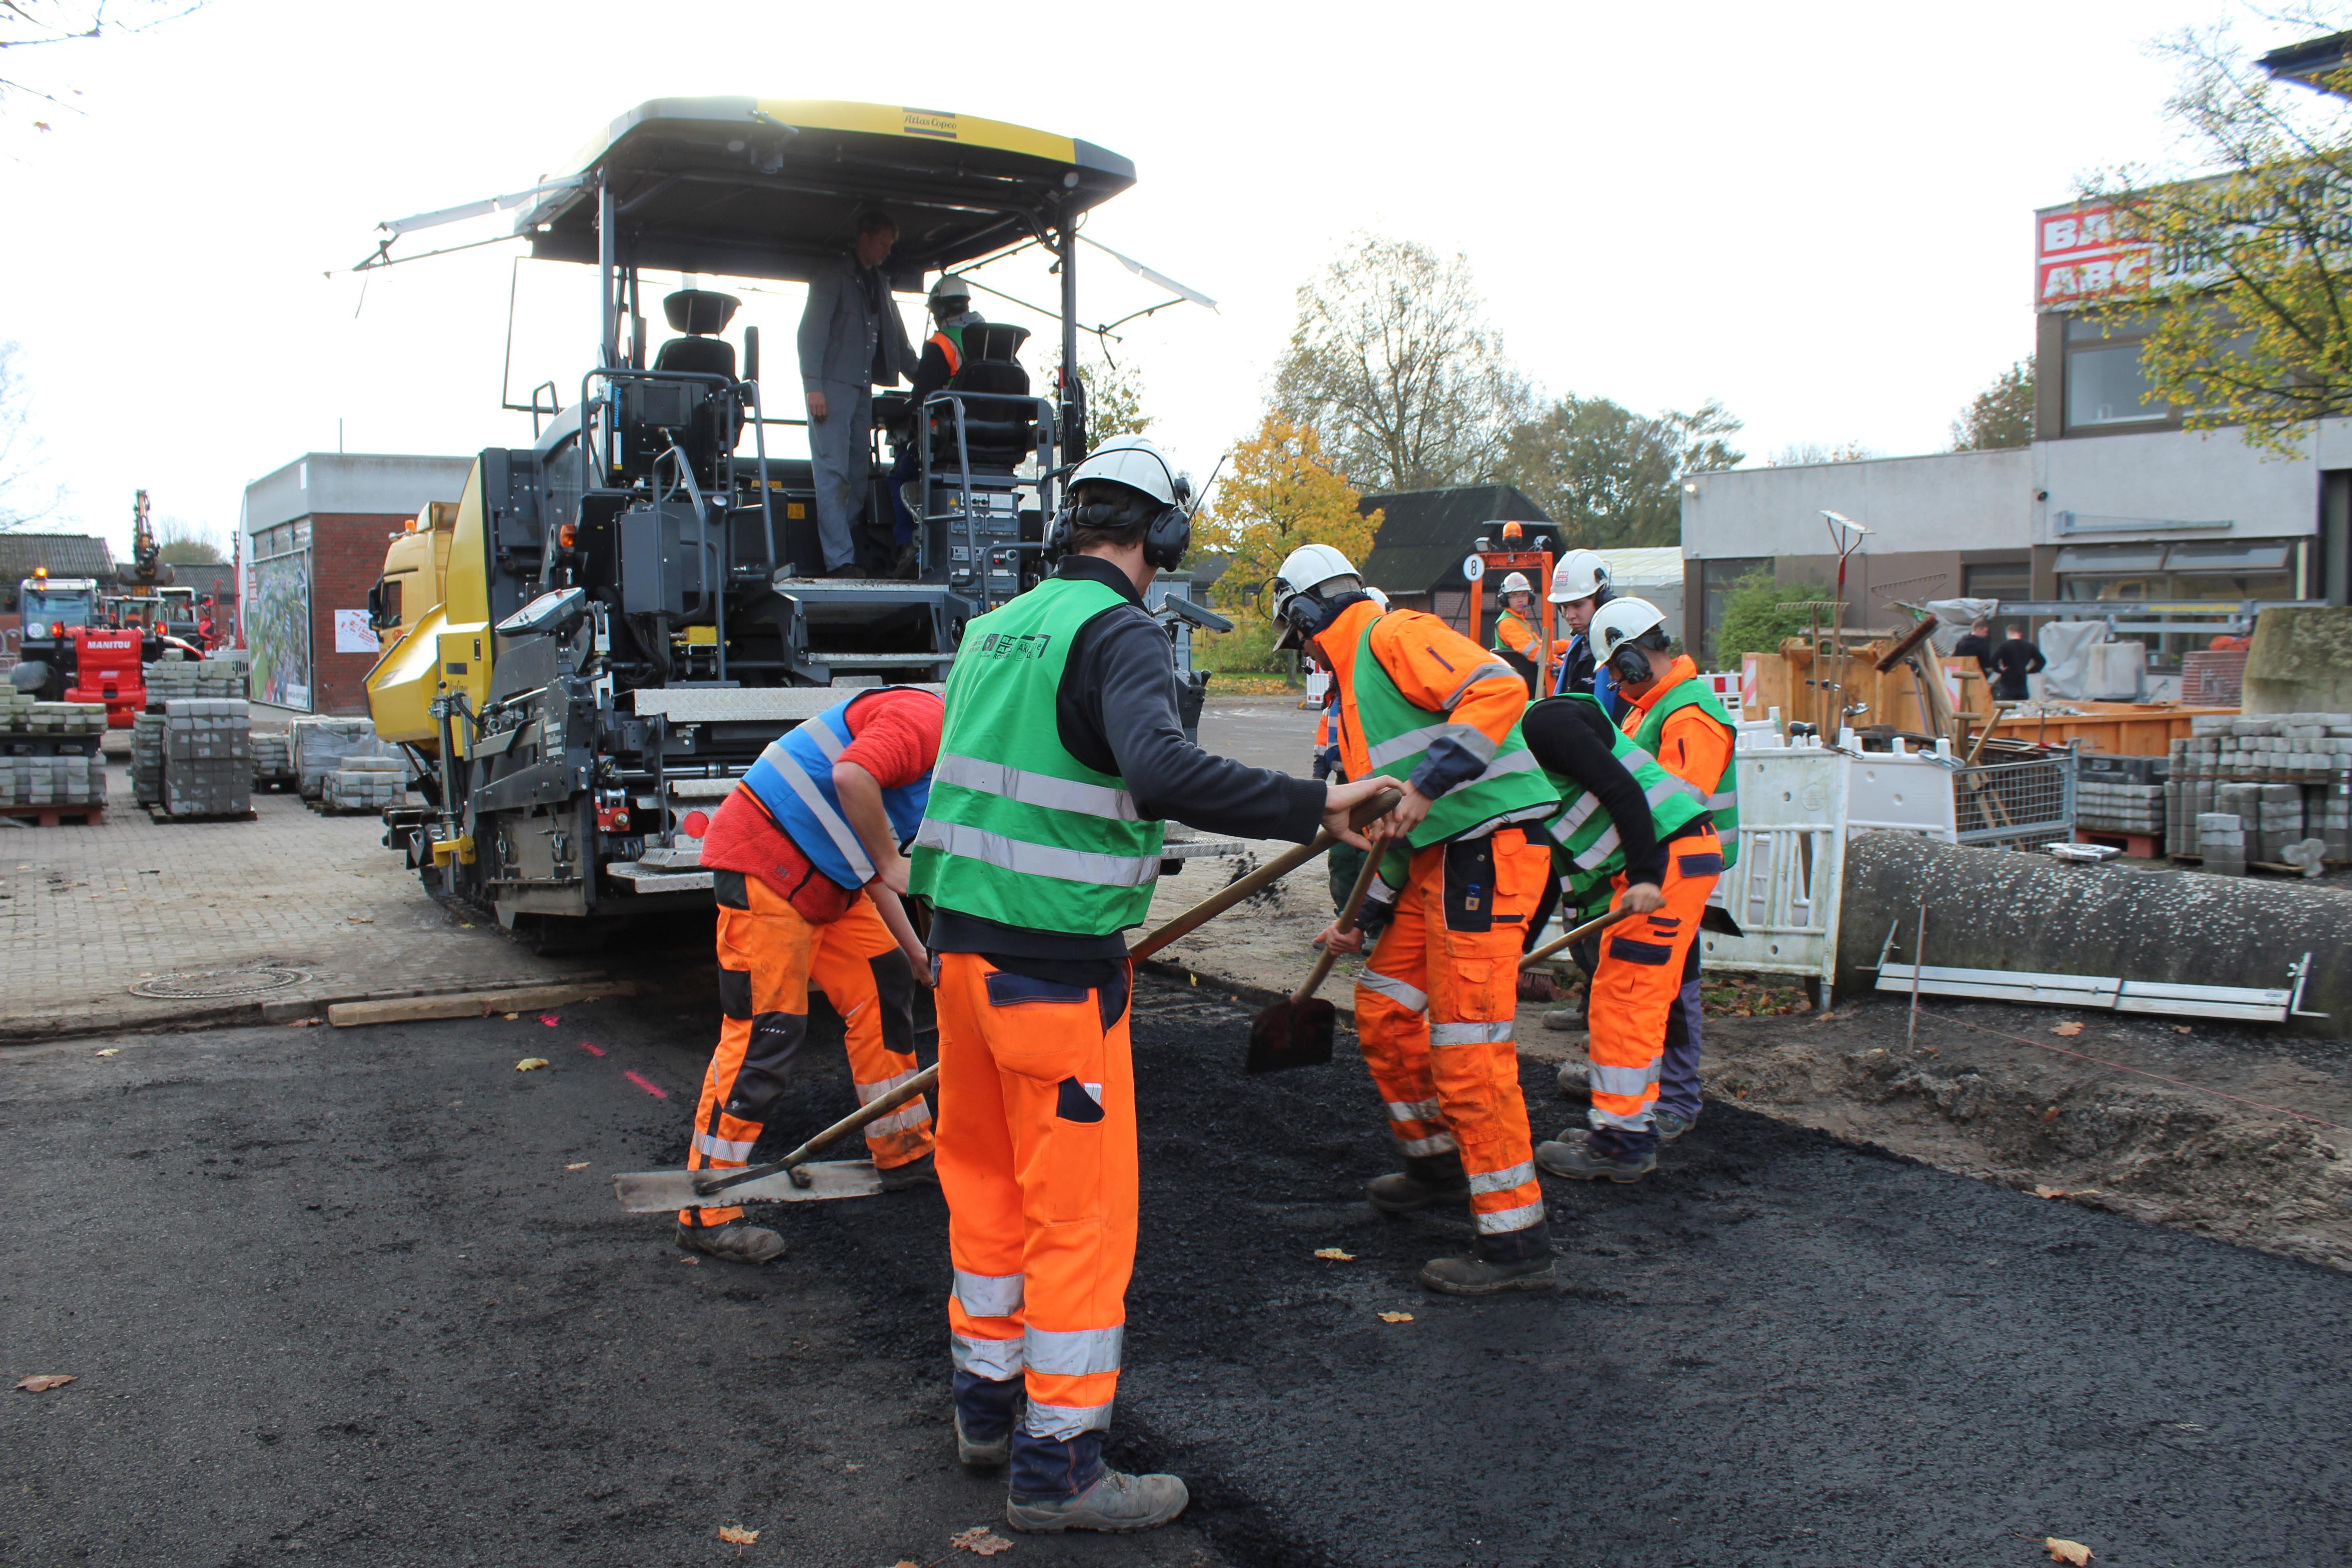 Praktischer Teil am Nachmittag. Einbau von Asphalt auf dem Gelände des Bau-ABC in Bad Zwischenahn.